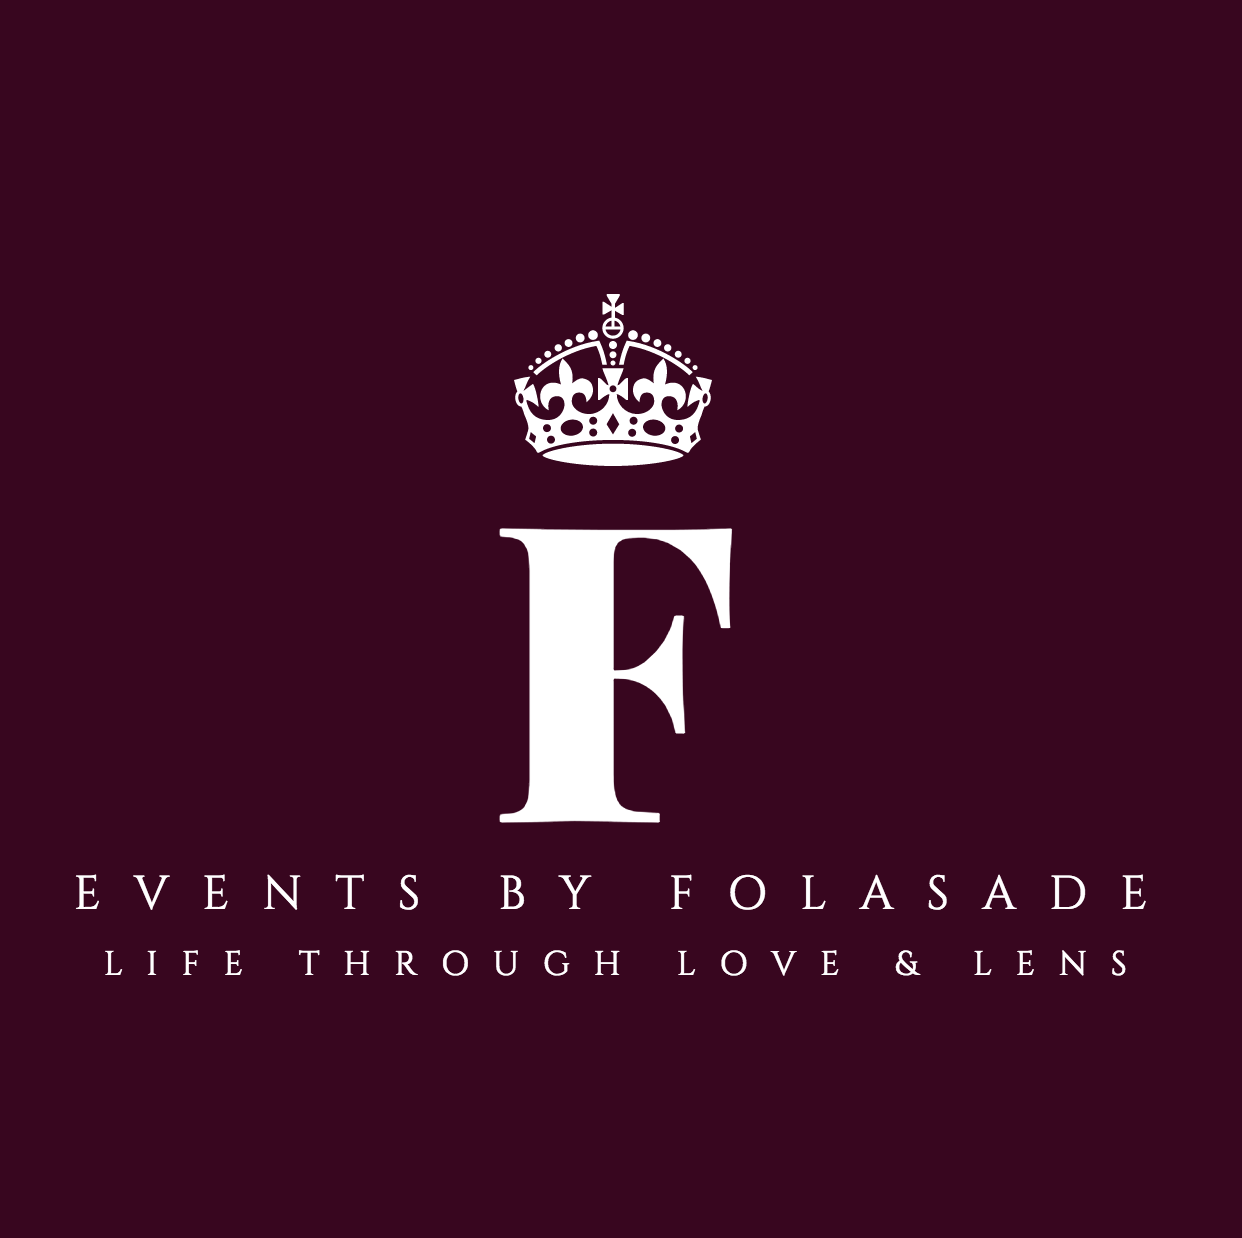 Events by Folasade